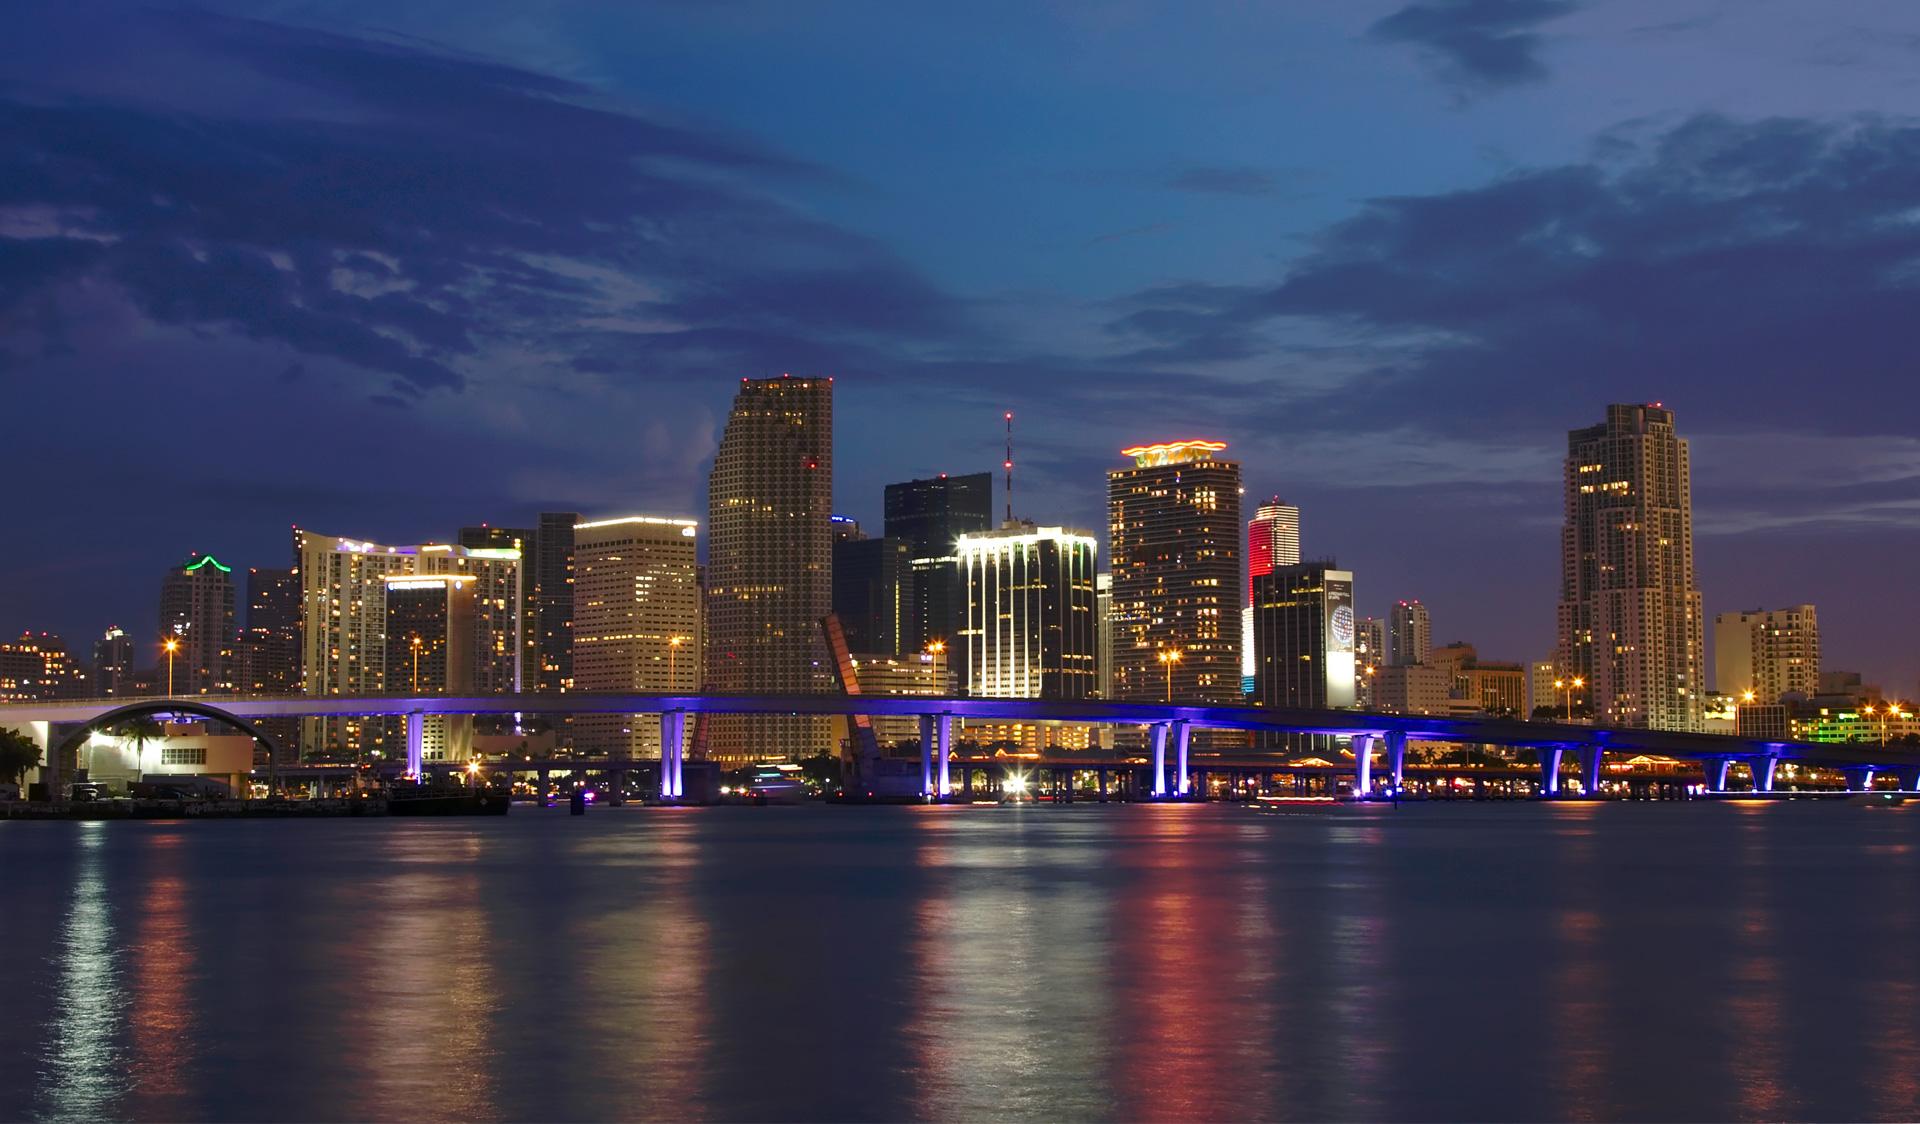 Skybridge Deploys Internet Service in Miami